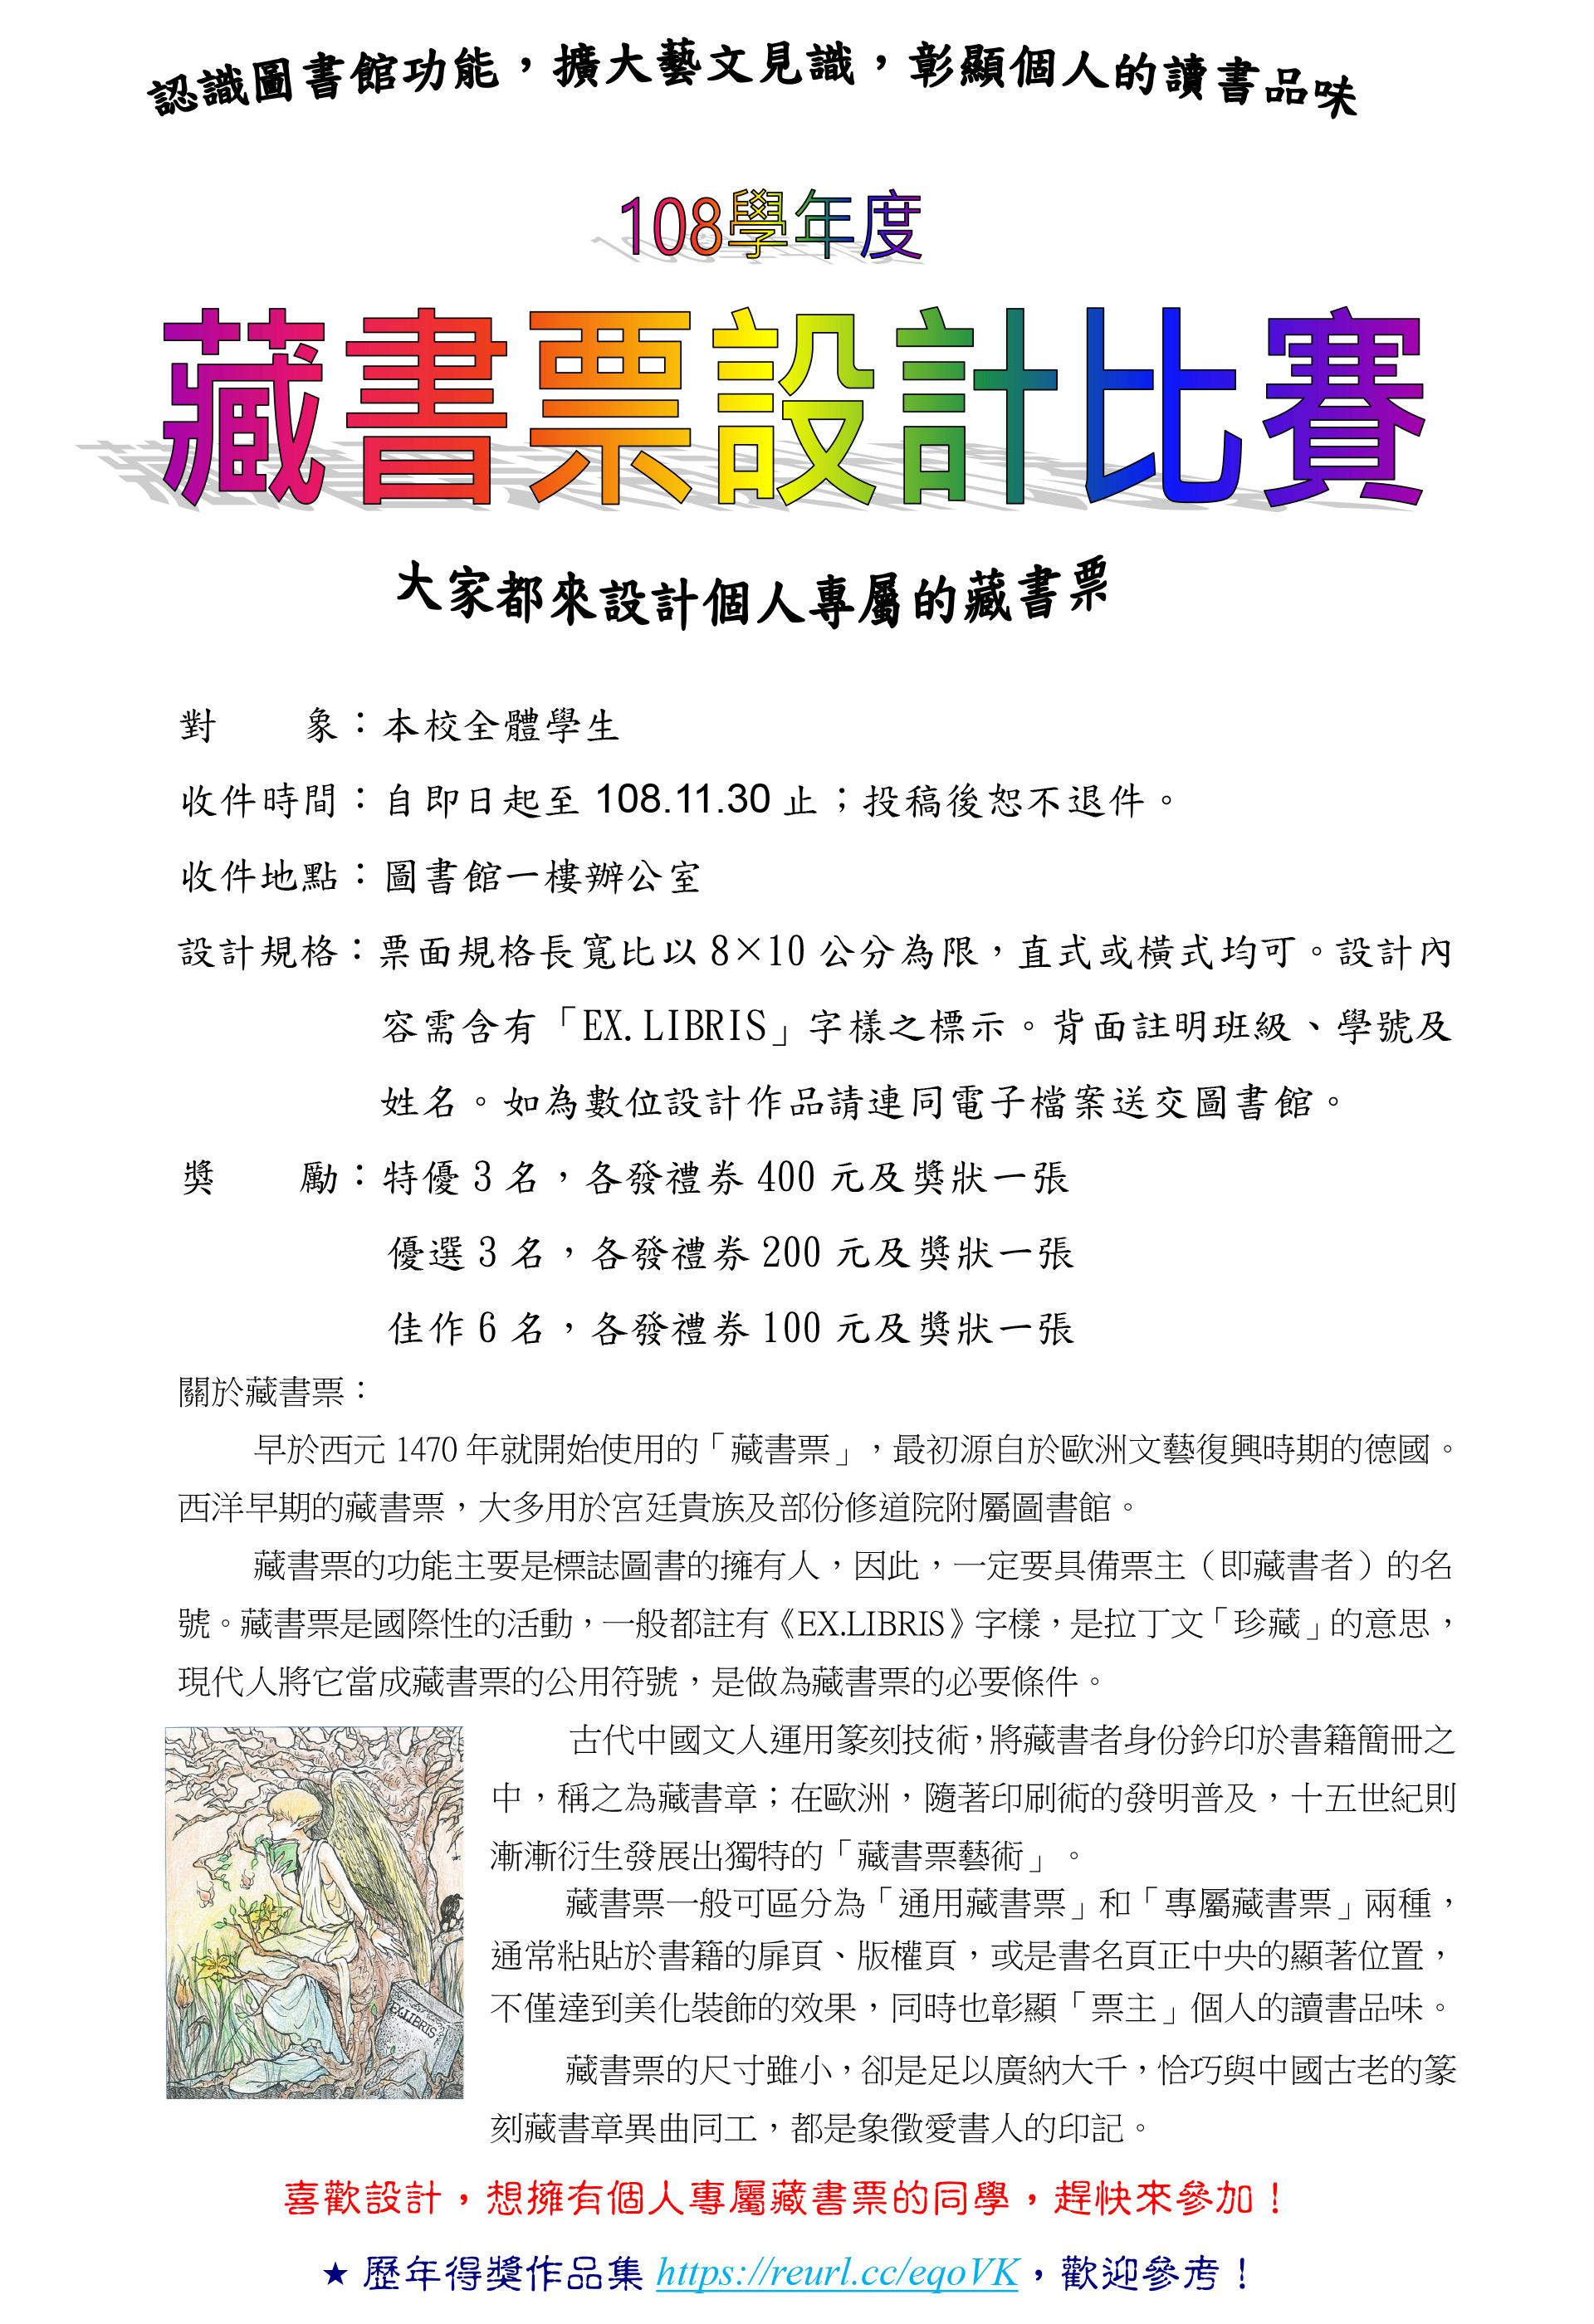 國立彰化女子高級中學。108年藏書票設計比賽 海報